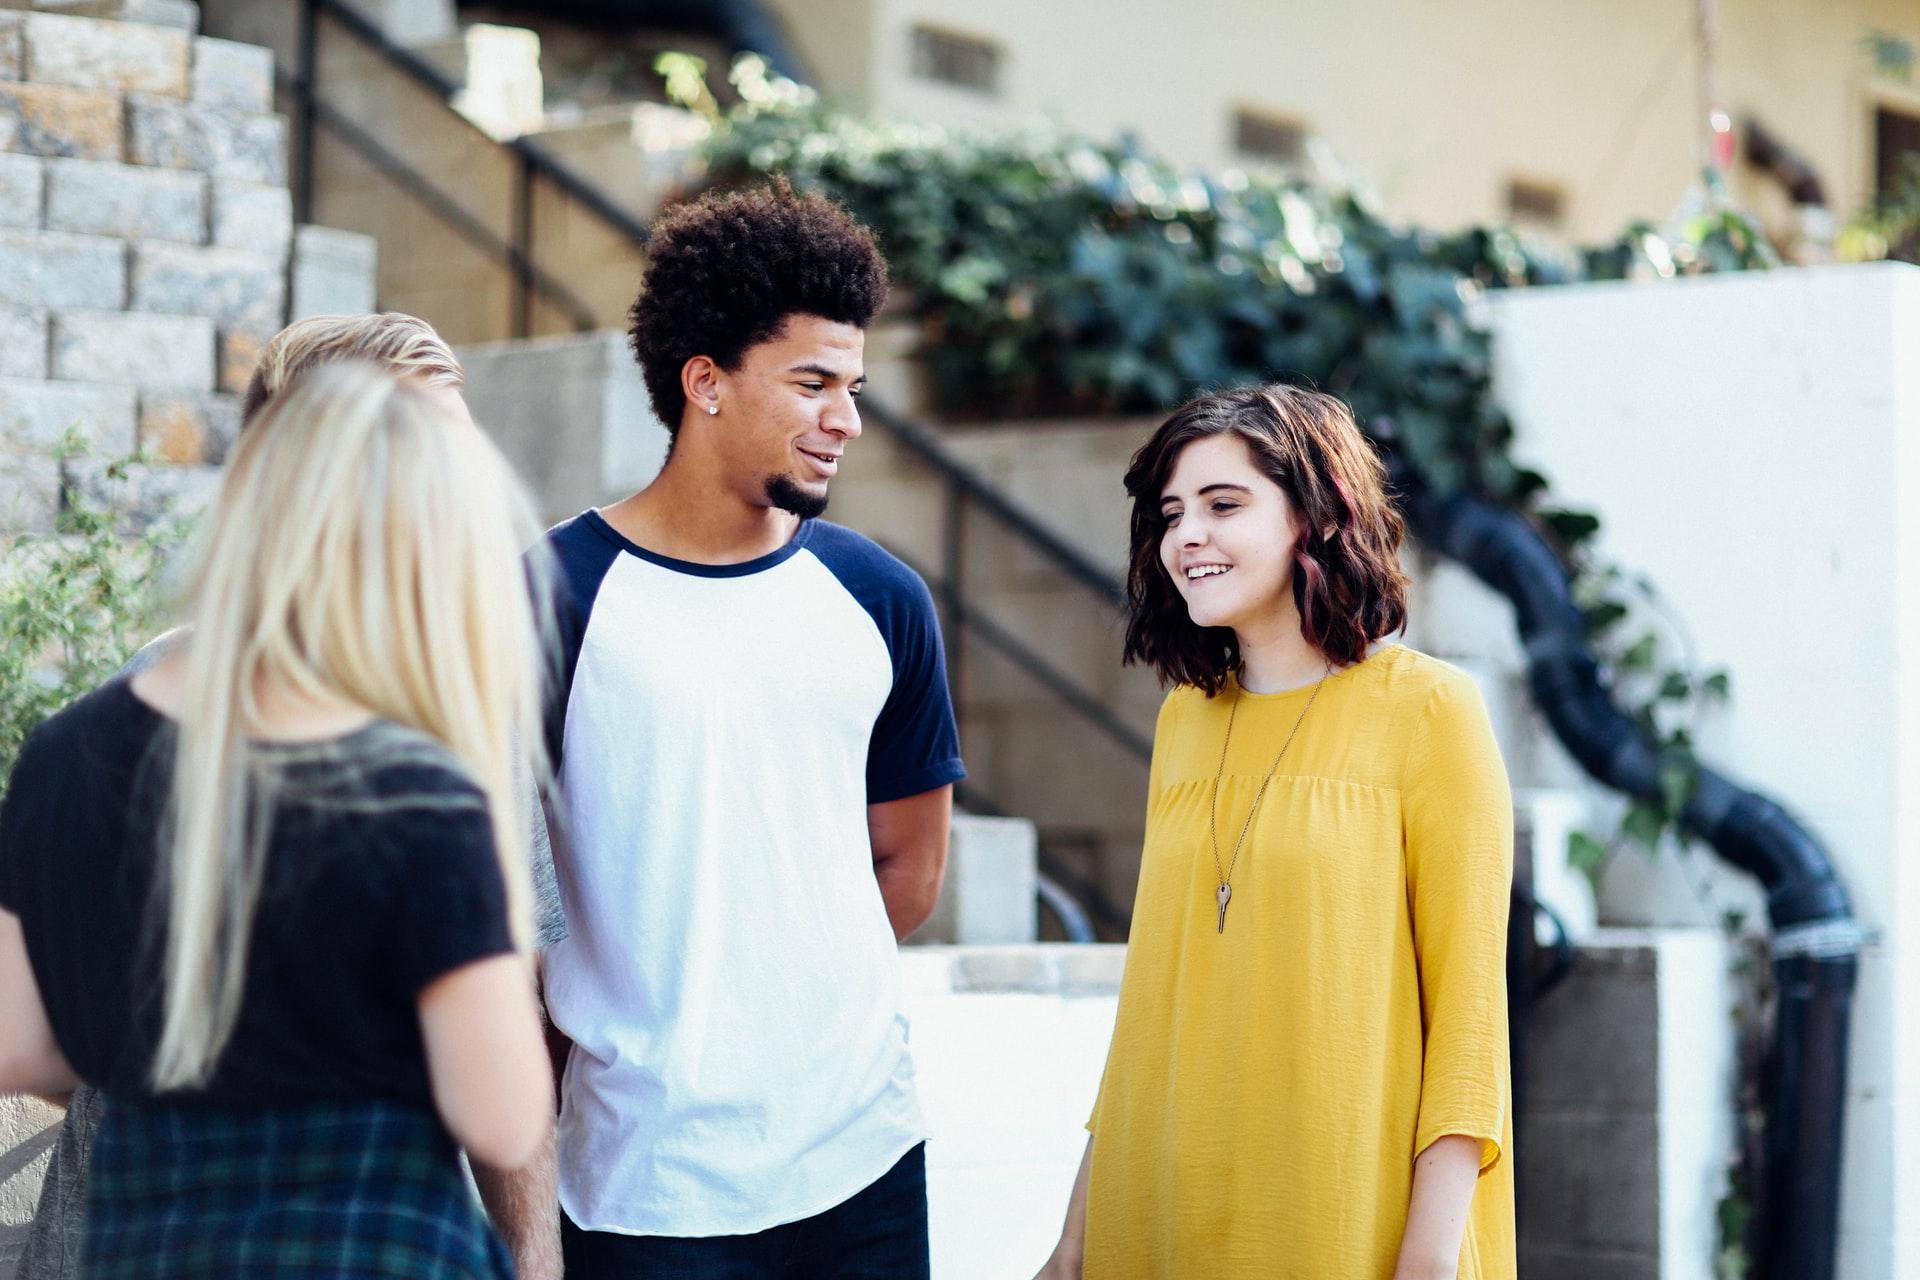 Procure fazer atividades extracurriculares e manter boas relações com todos na universidade (Imagem: Alexis Brown/Unsplash)